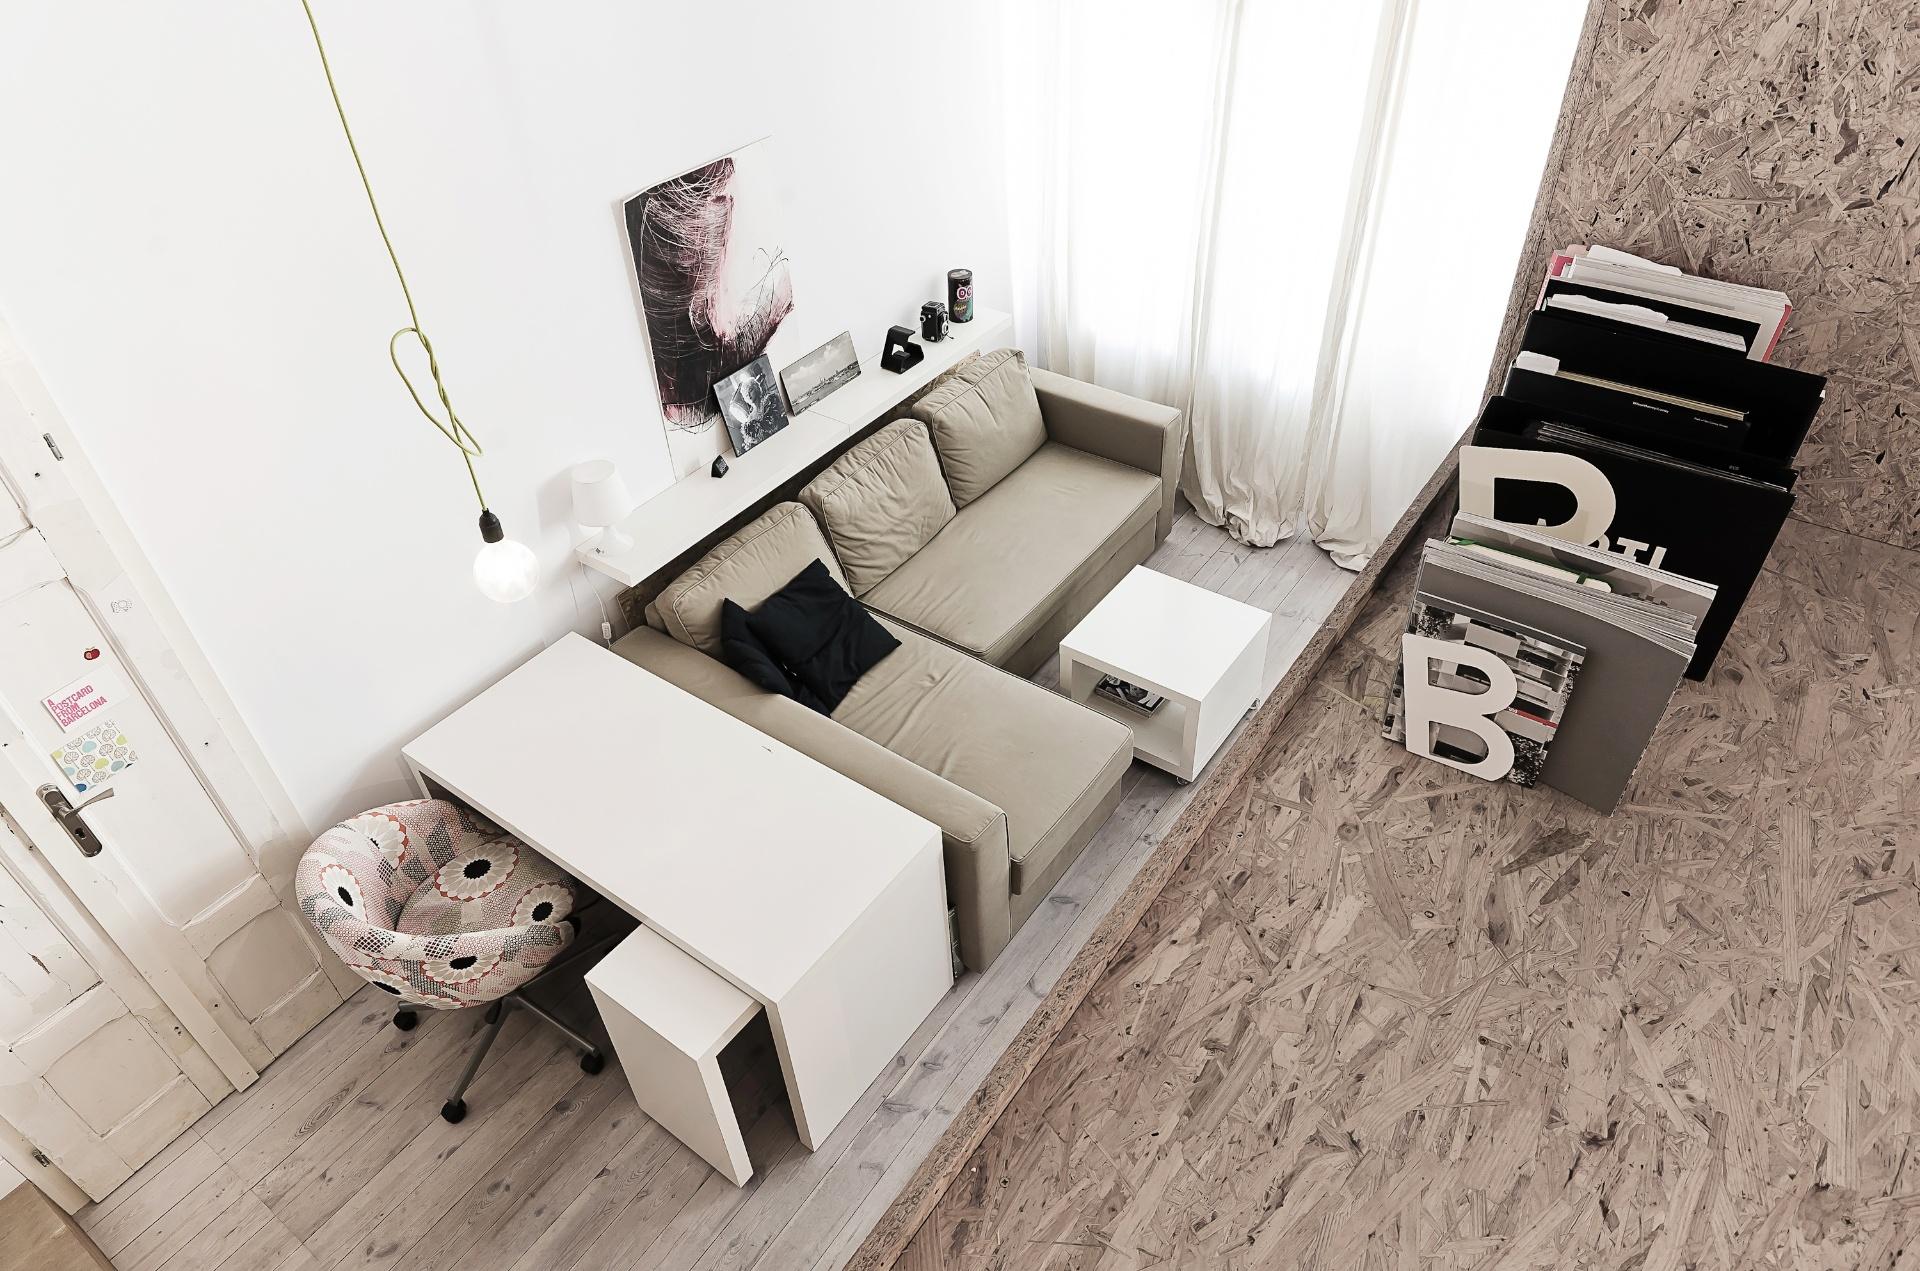 Os arquitetos do escritório polonês 3XA estudaram com precisão o tamanho e o encaixe dos móveis para a área integrada - com estar, jantar e cozinha - no apê com 29 m². A marcenaria (mesa de trabalho, prateleira de apoio ao sofá e cubo (mesa de centro)) é de MDF laqueado branco, assim como os armários embutidos de cozinha. A porta antiga que aparece na sala de estar (à esq.) é